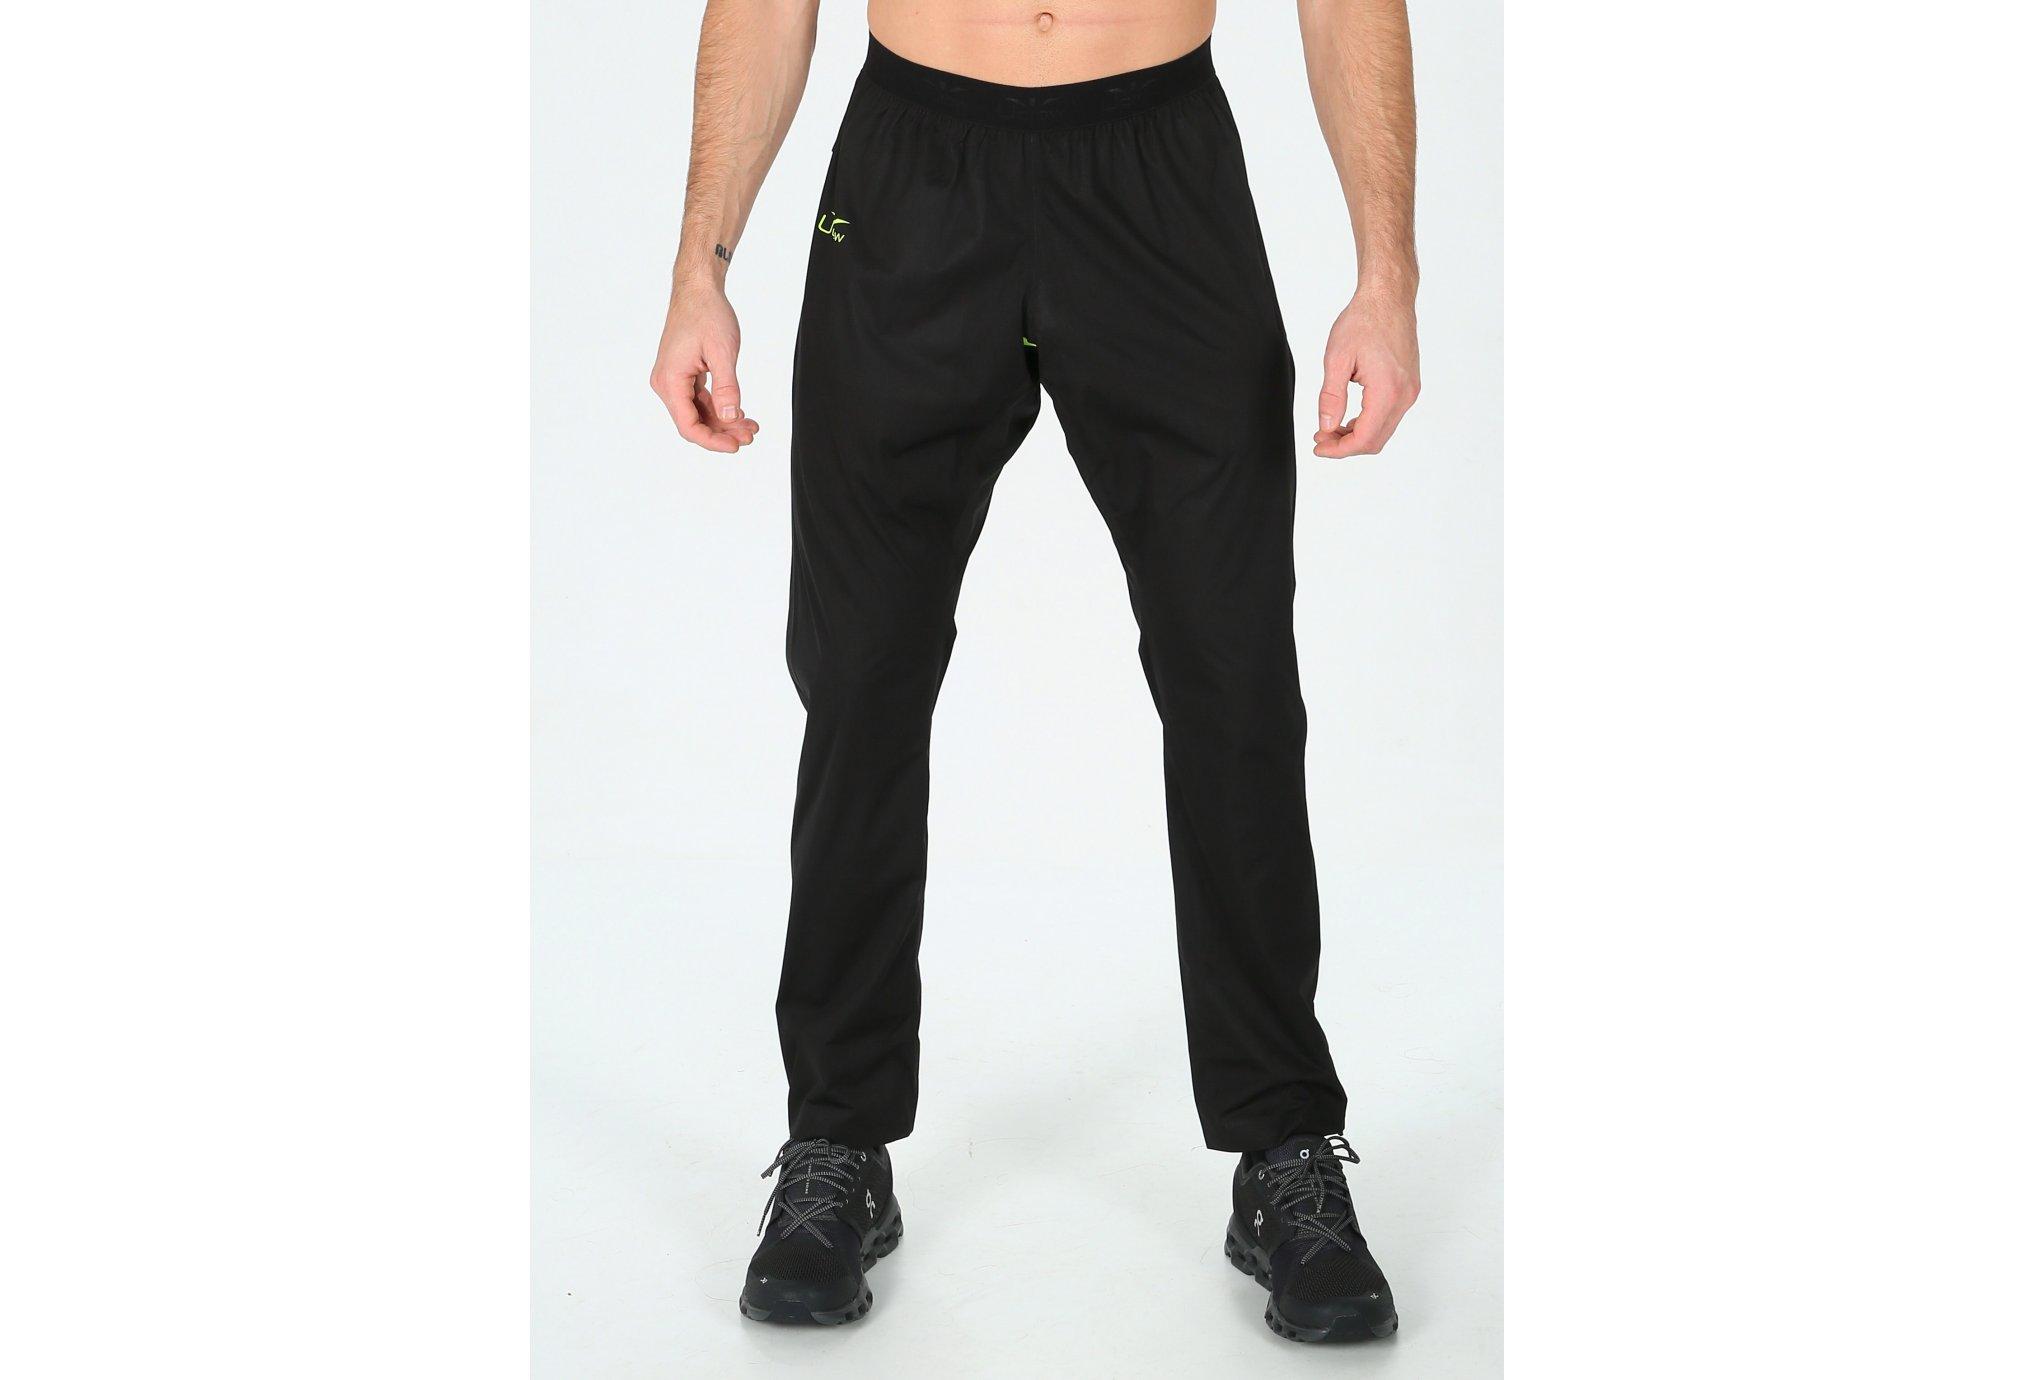 Uglow WP Pant 3.1 M Diététique Vêtements homme